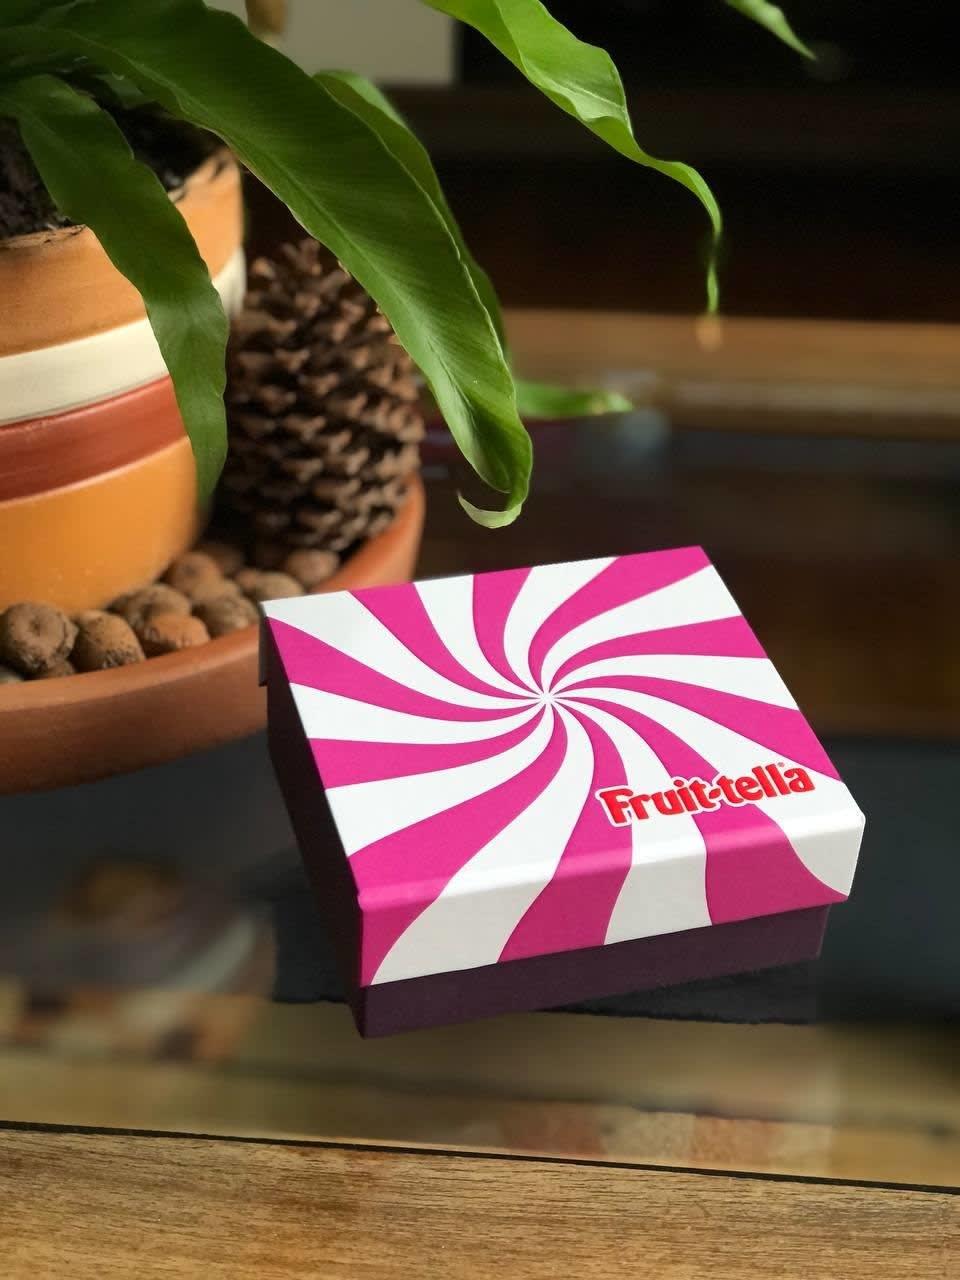 Caixinha de balas Frutella branca e rosa com o logotipo da marca.